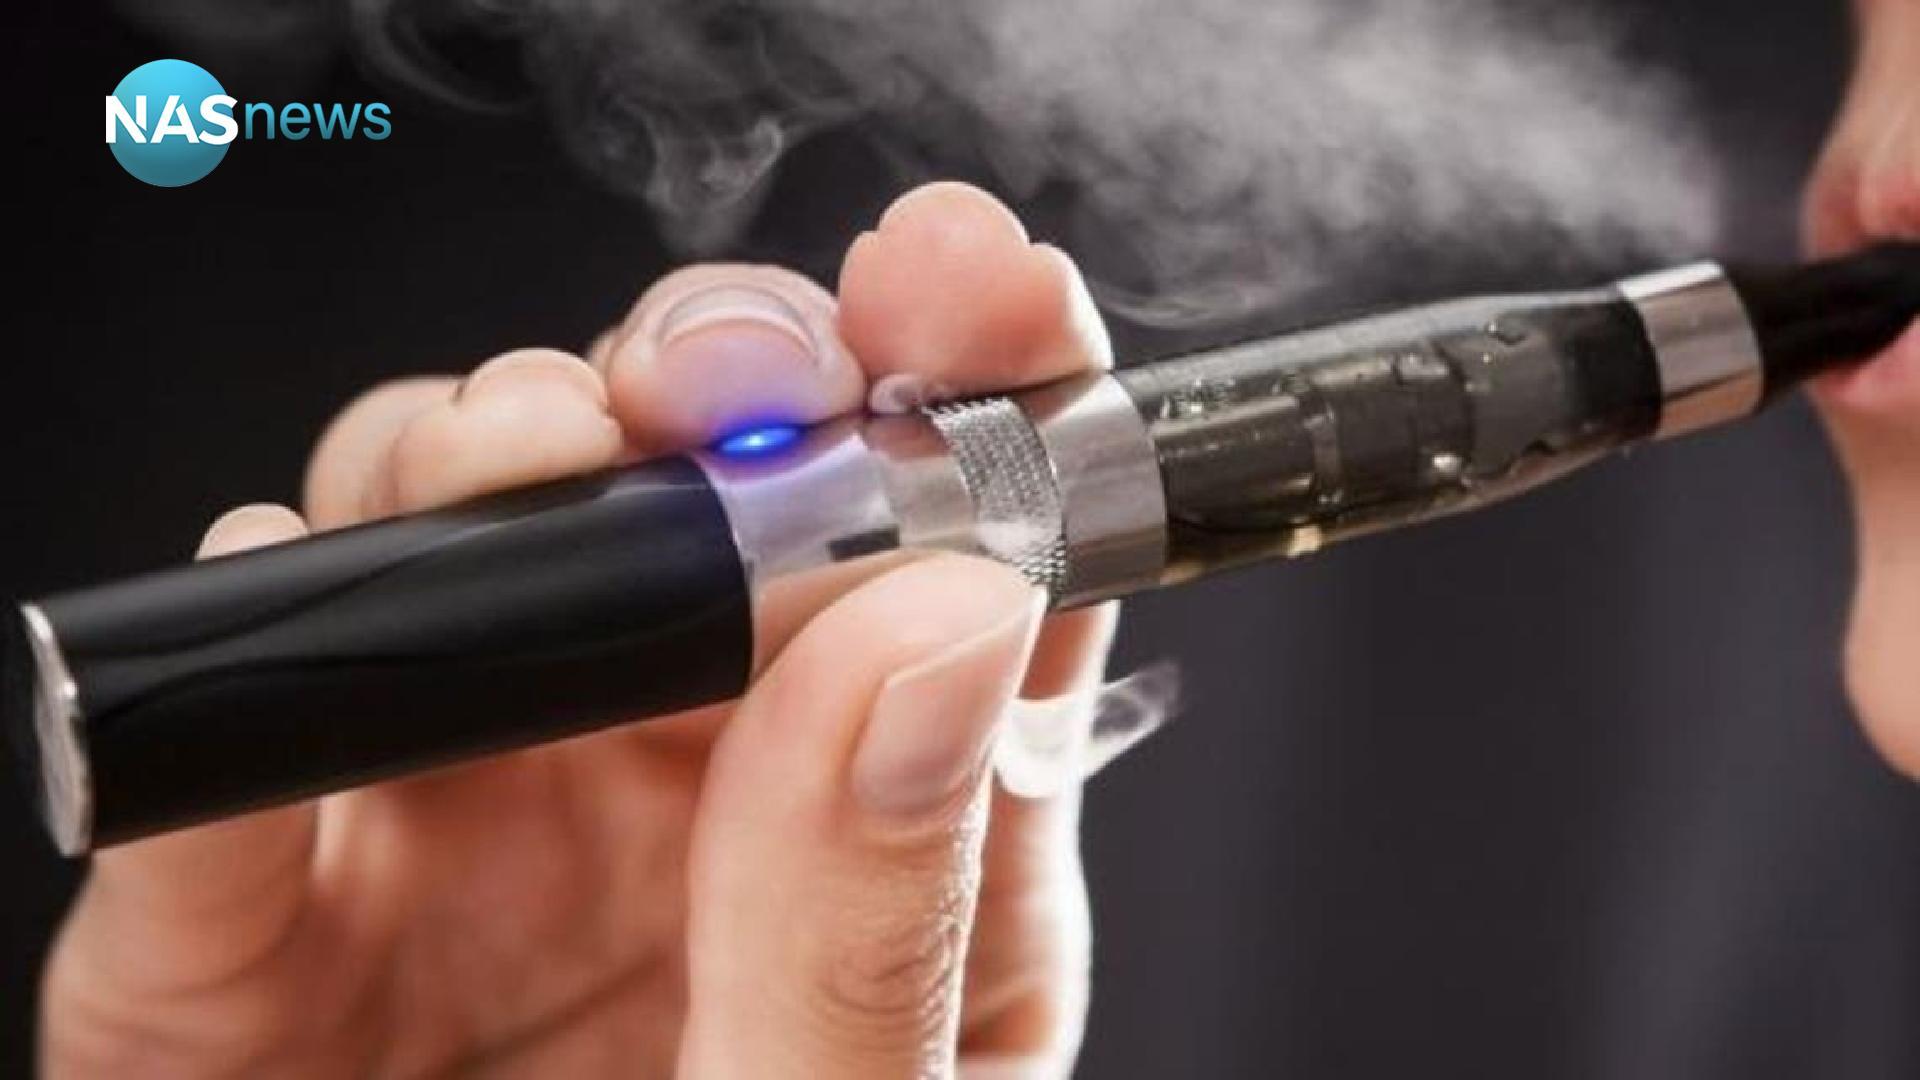 ماذا تفعل السجائر الالكترونية برئتيك؟.. إليك الجواب